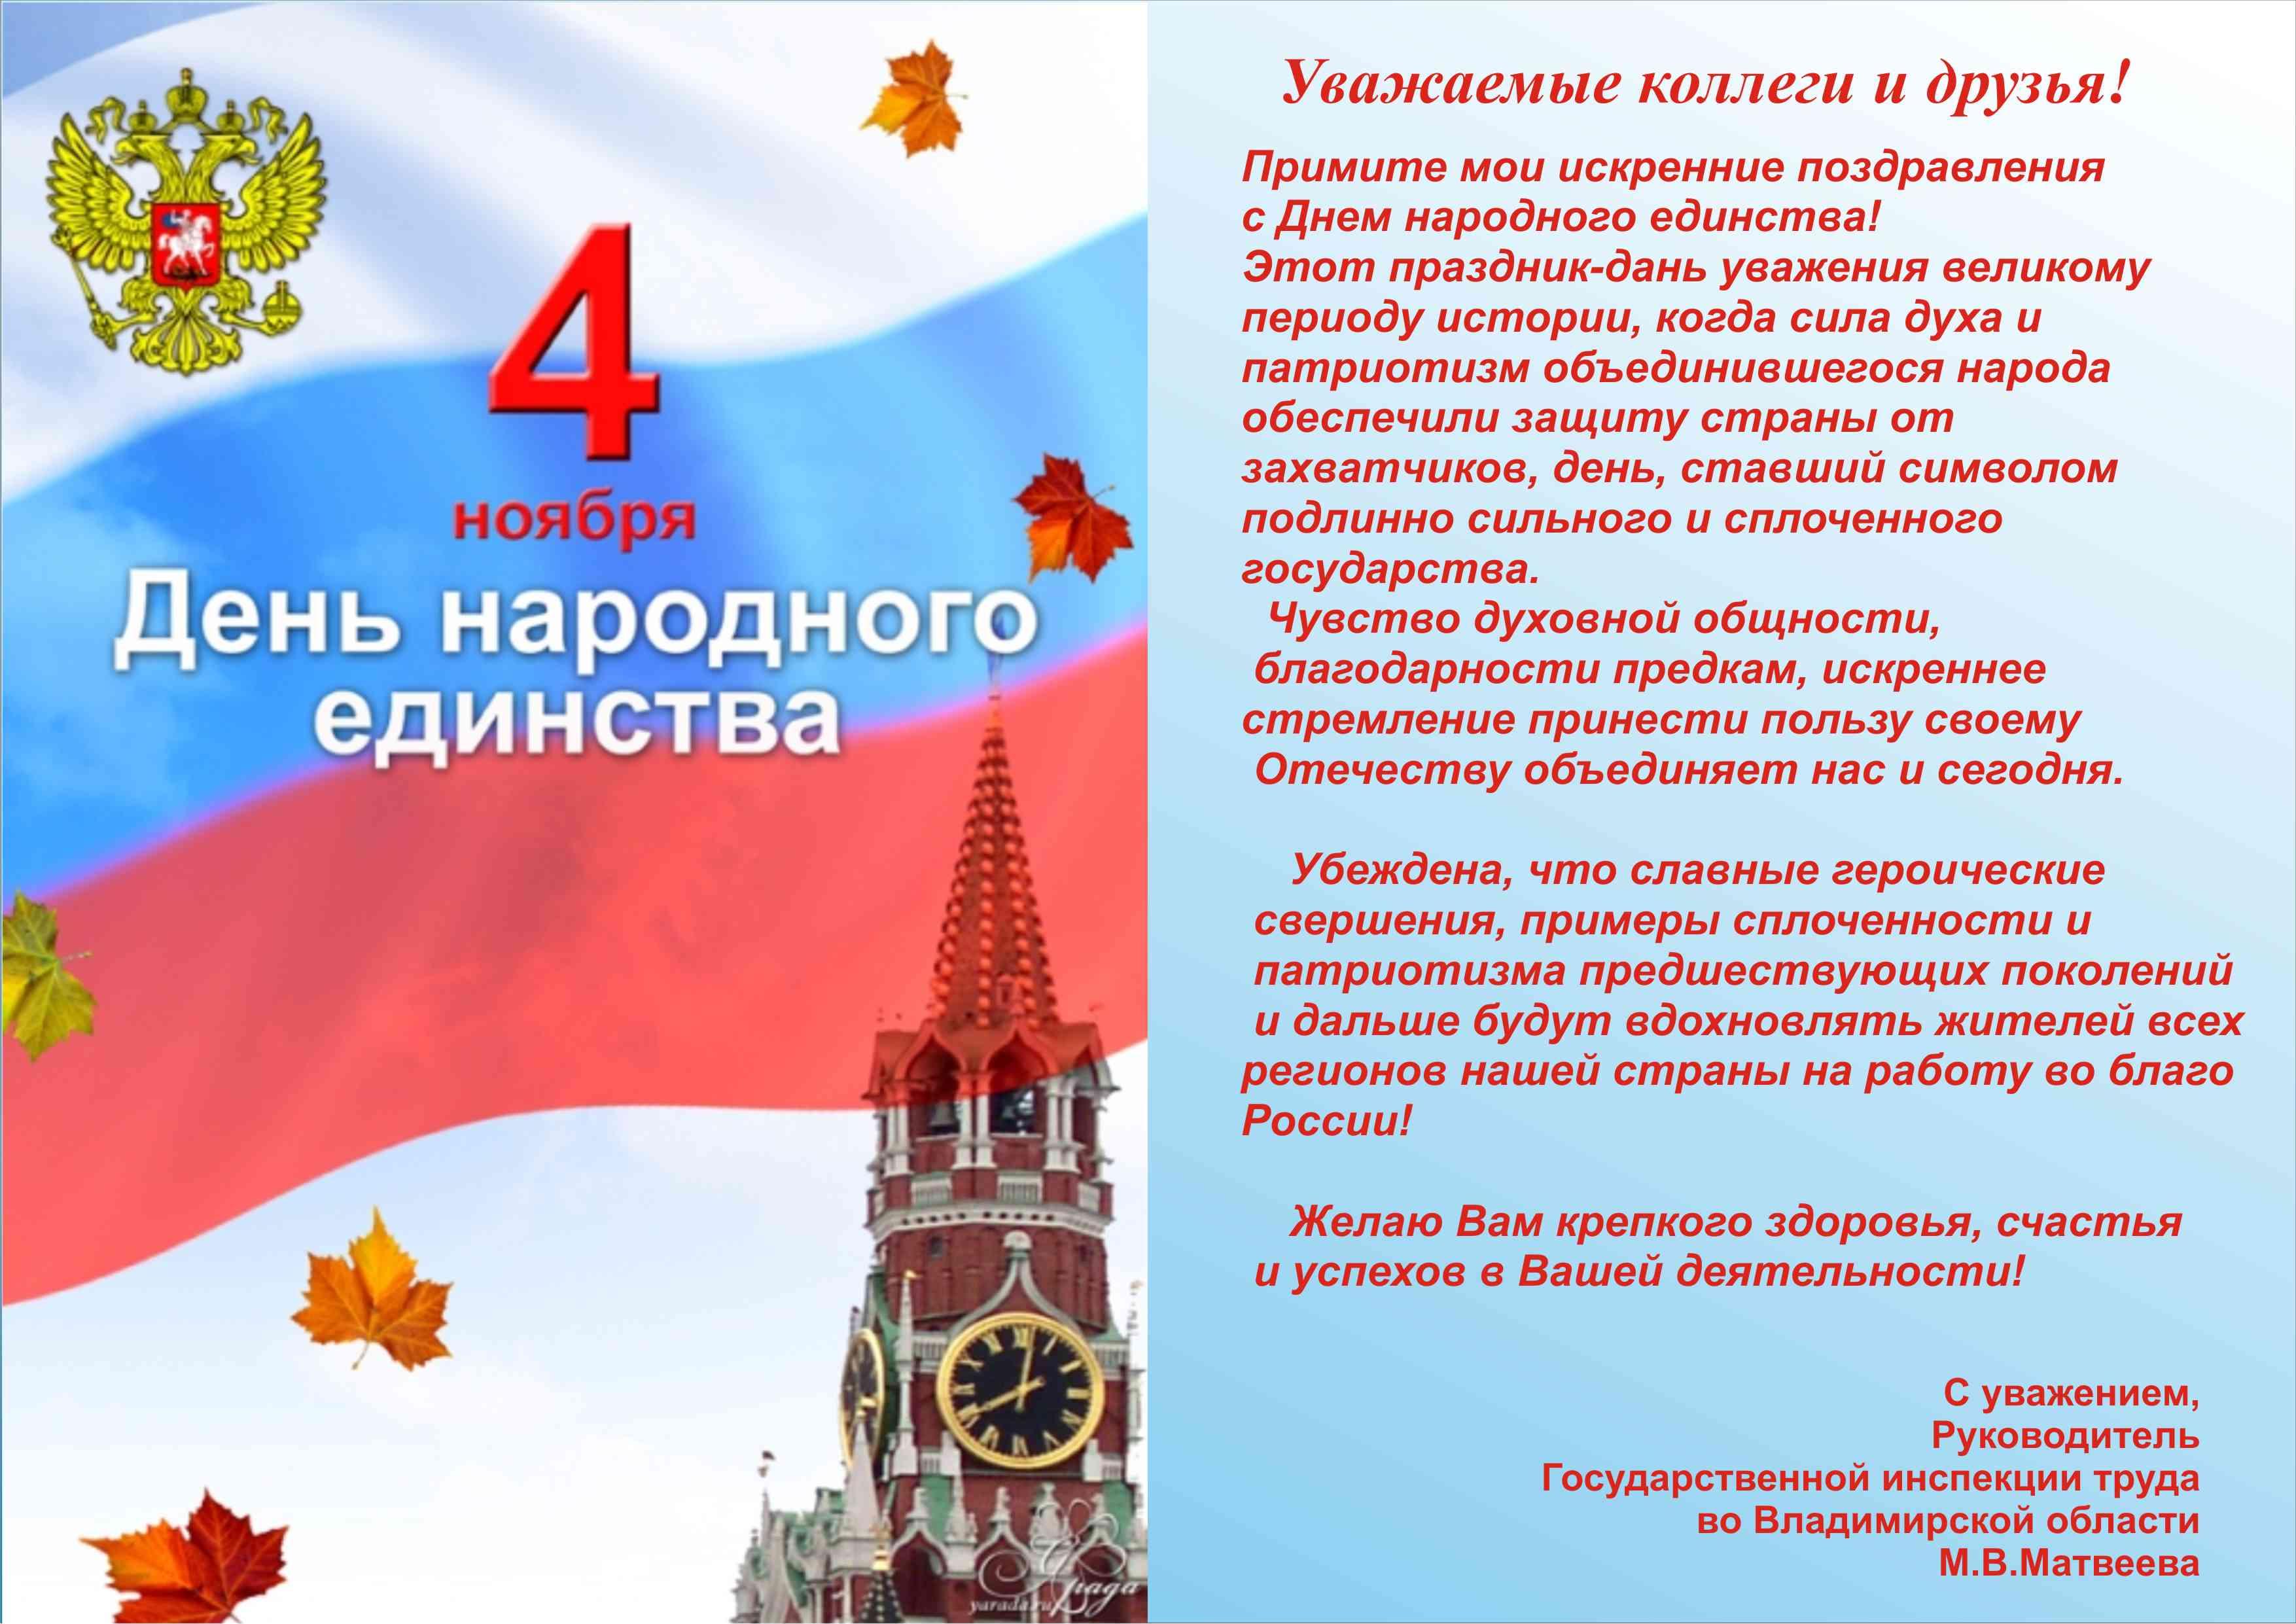 Поздравления от администрации от главы ко дню народного единства